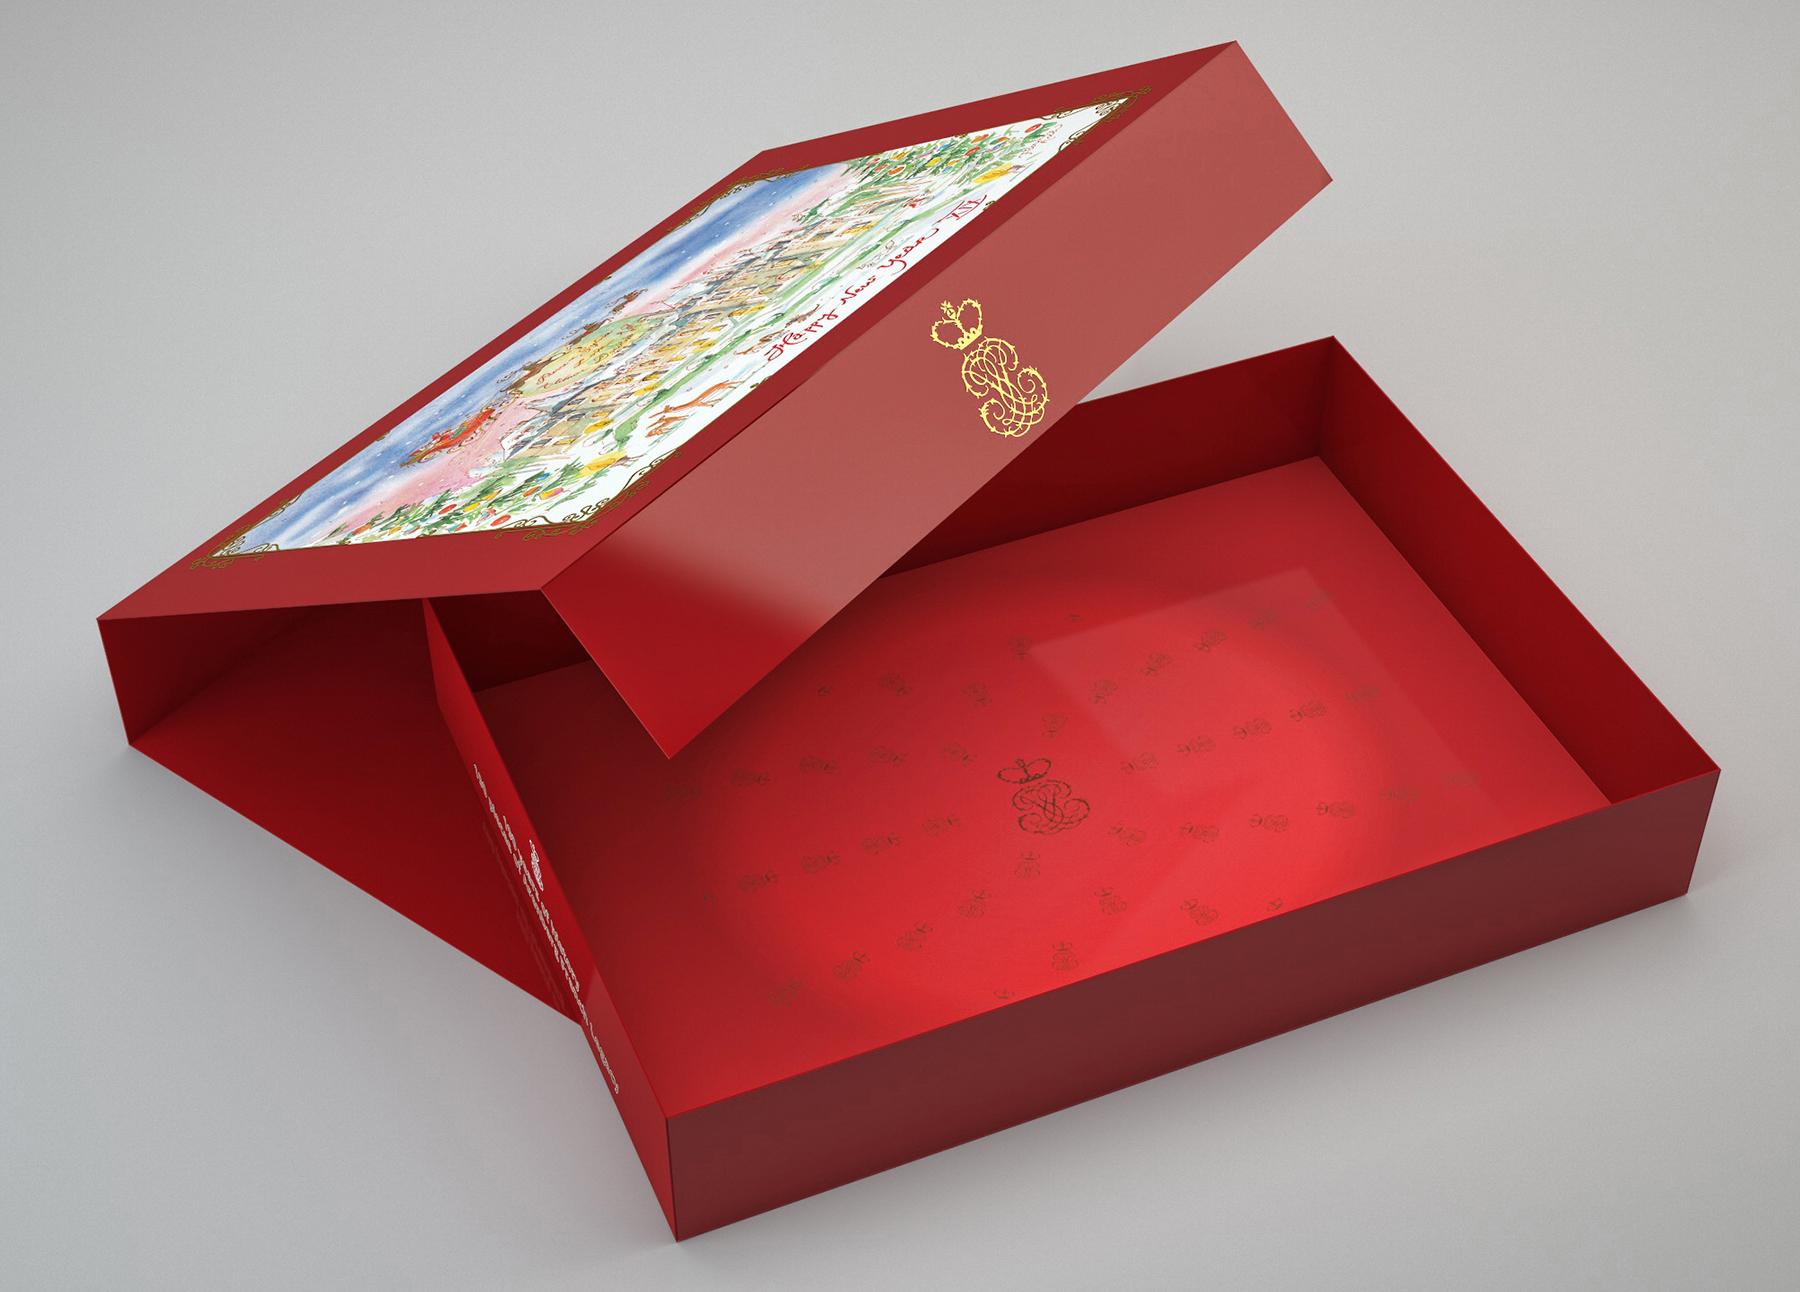 puzzle_box-003